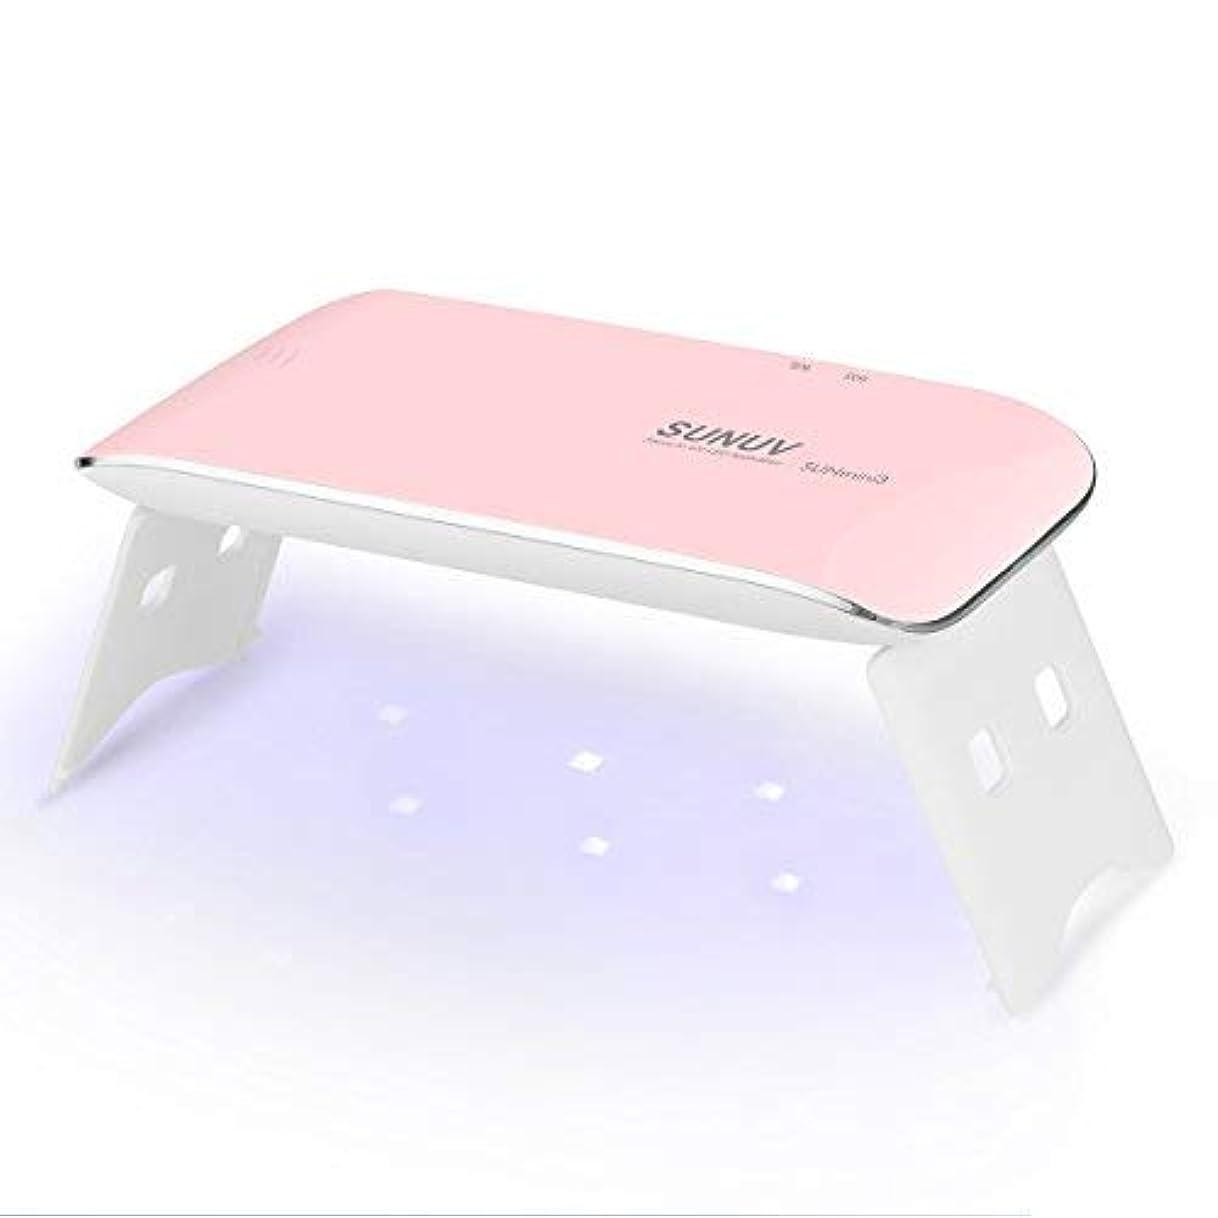 モッキンバードアテンダントマーキングSUNUV UV LEDライト ネイルドライヤー mini ミニ ジェルネイルライト 日本語説明書 ネイルライト 6W 初心者 電池 USB給電 2倍の長寿命 カワイイ 携帯式 一年保証期間